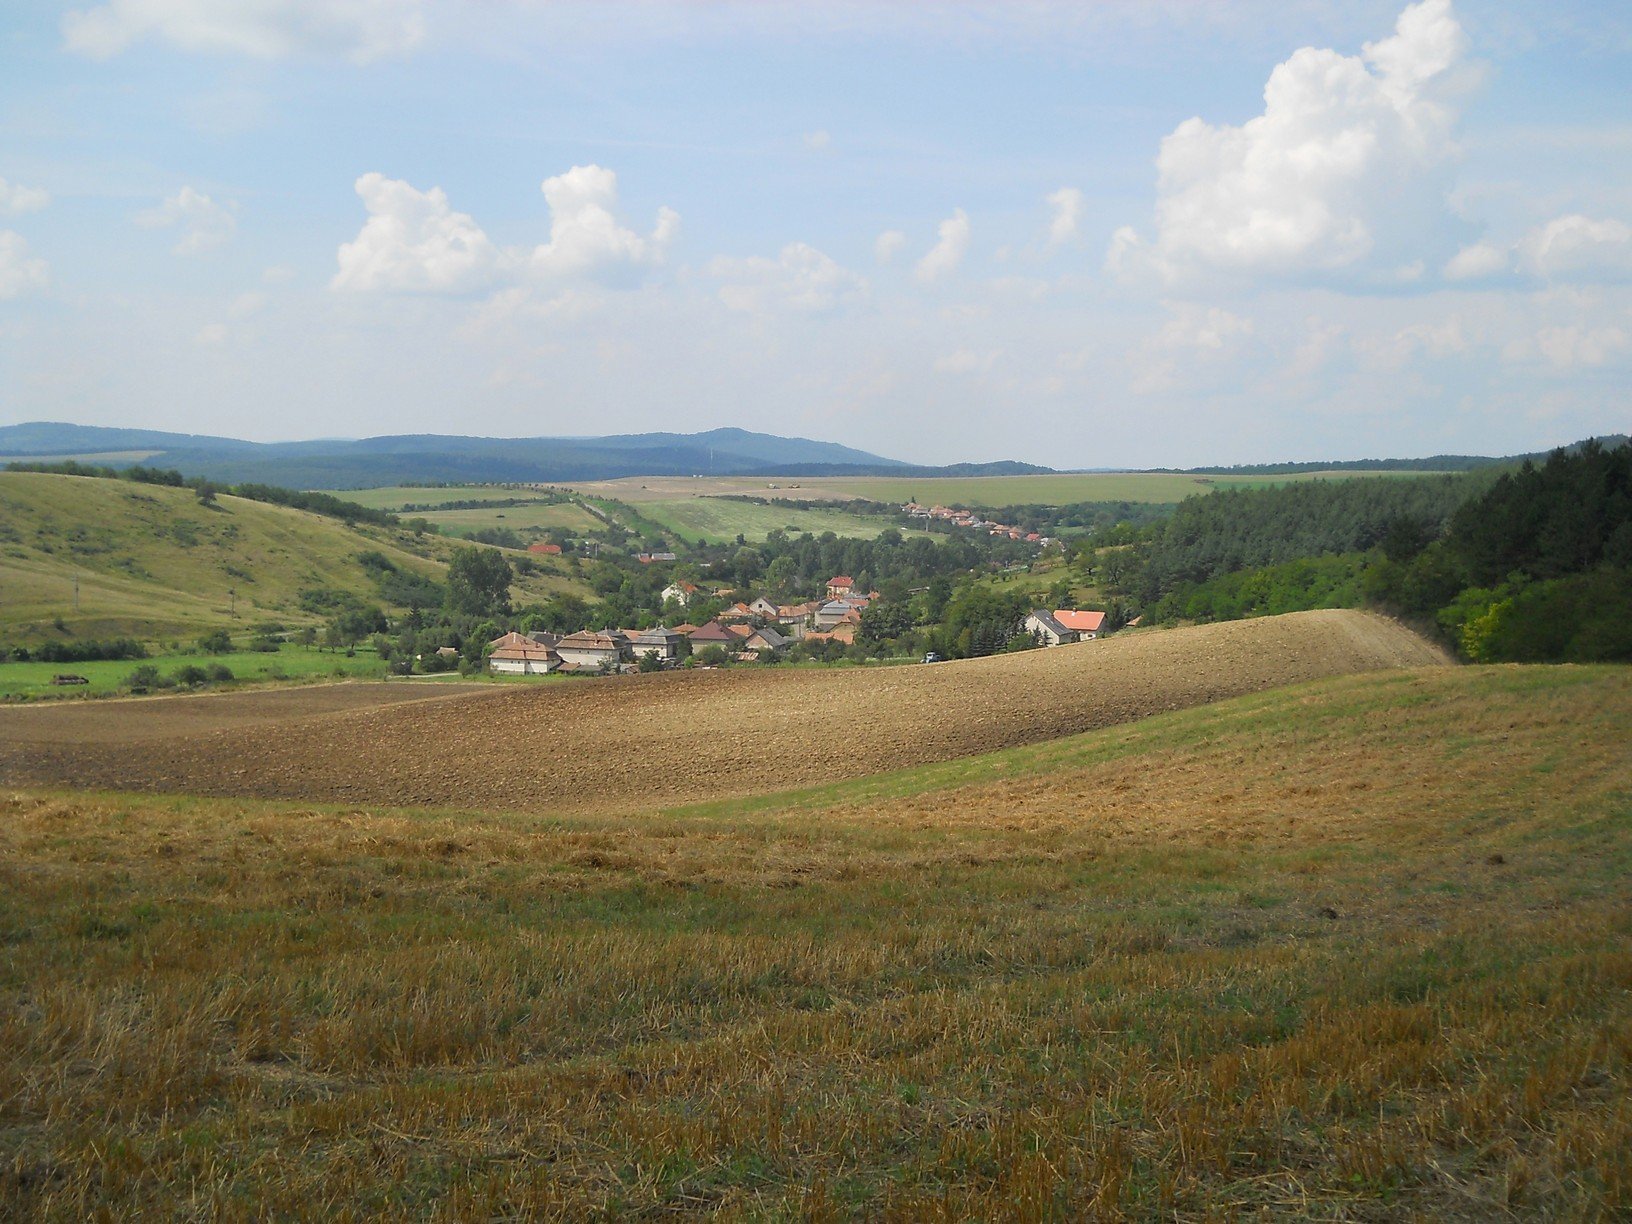 A szomszéd falu, Vizslás látképe a kazári határból